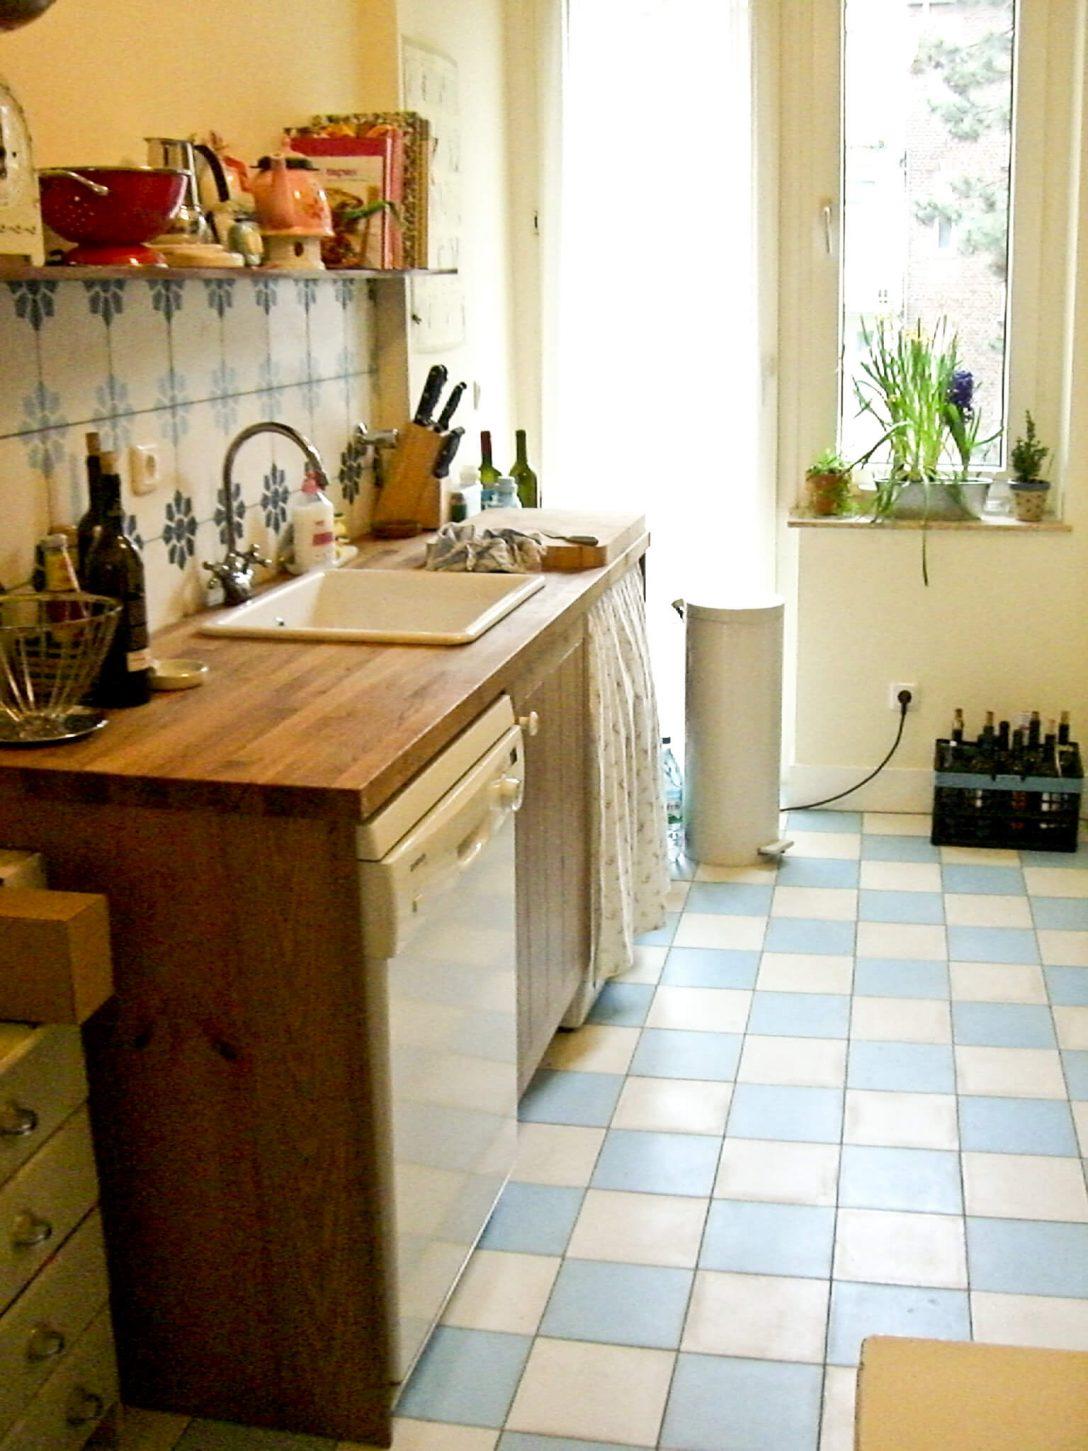 Large Size of Fototapete Küche Fliesenspiegel Küche Fliesenspiegel Neu Gestalten Küche Fliesenspiegel Modern Küche Fliesenspiegel Abdecken Küche Küche Fliesenspiegel